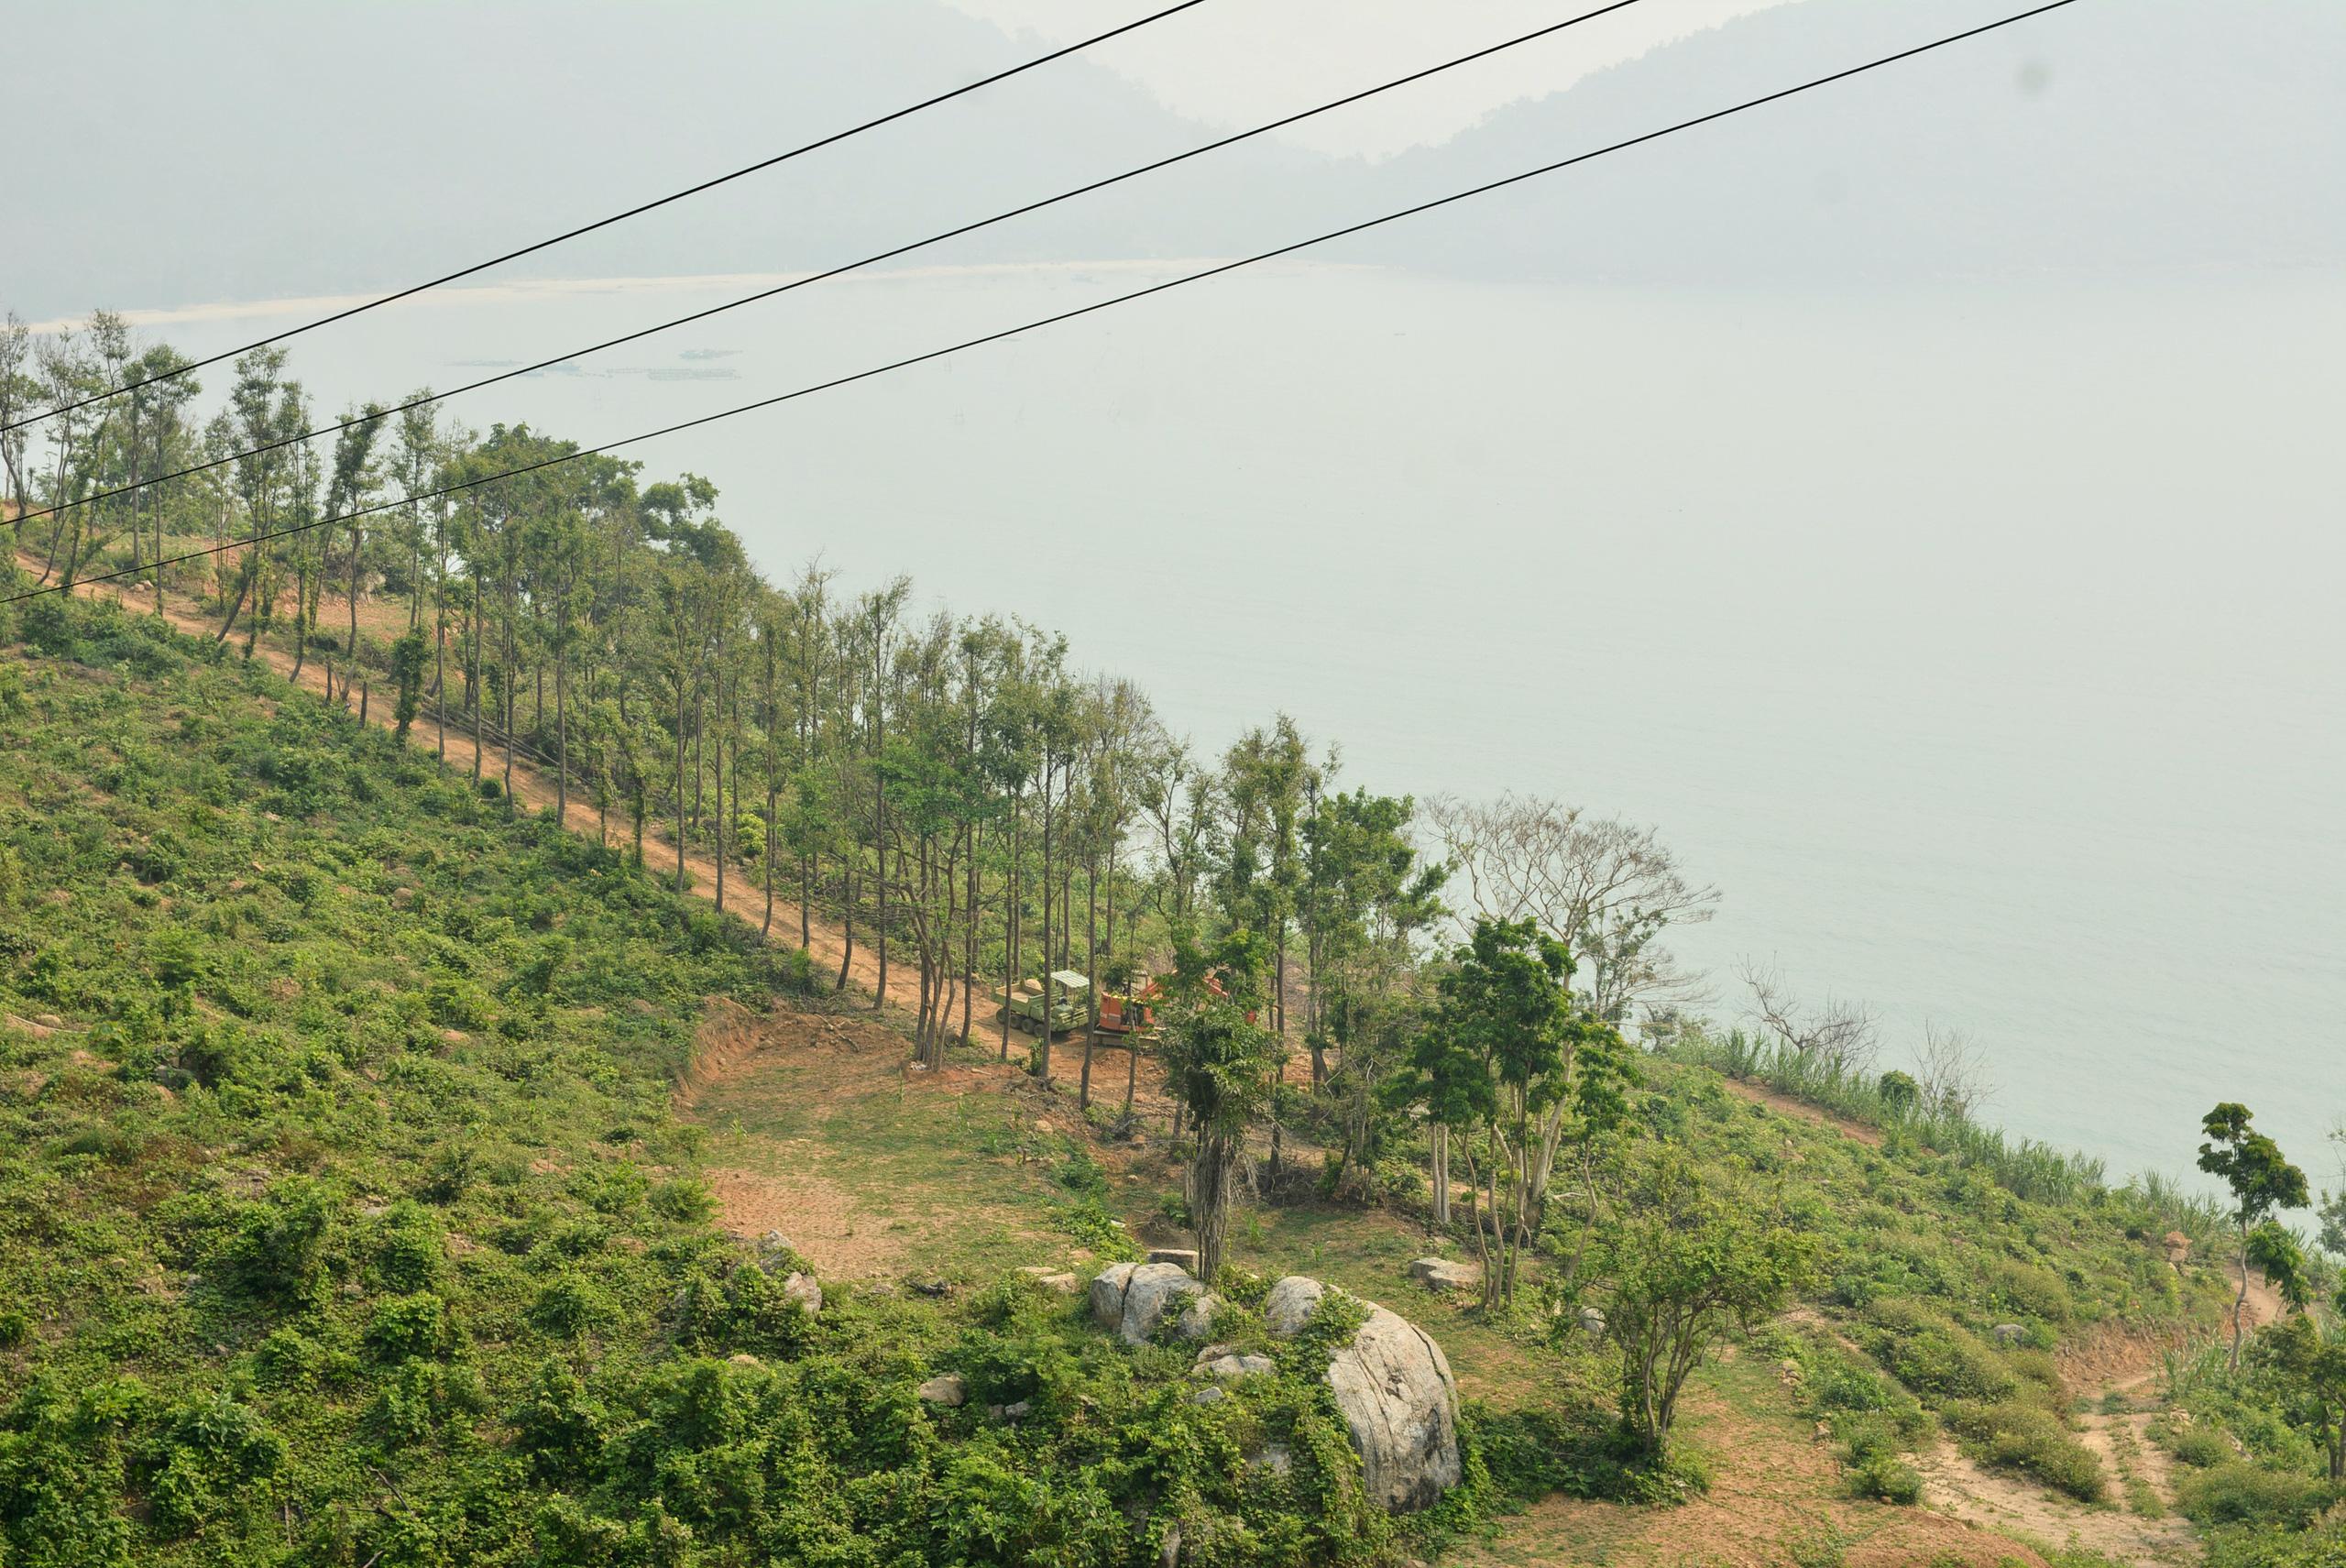 Theo quan sát thực tế của người viết, tại khu vực dự án Làng Vân đang có nhiều máy xúc, và nhà tạm để phục vụ lễ khởi động dự án.